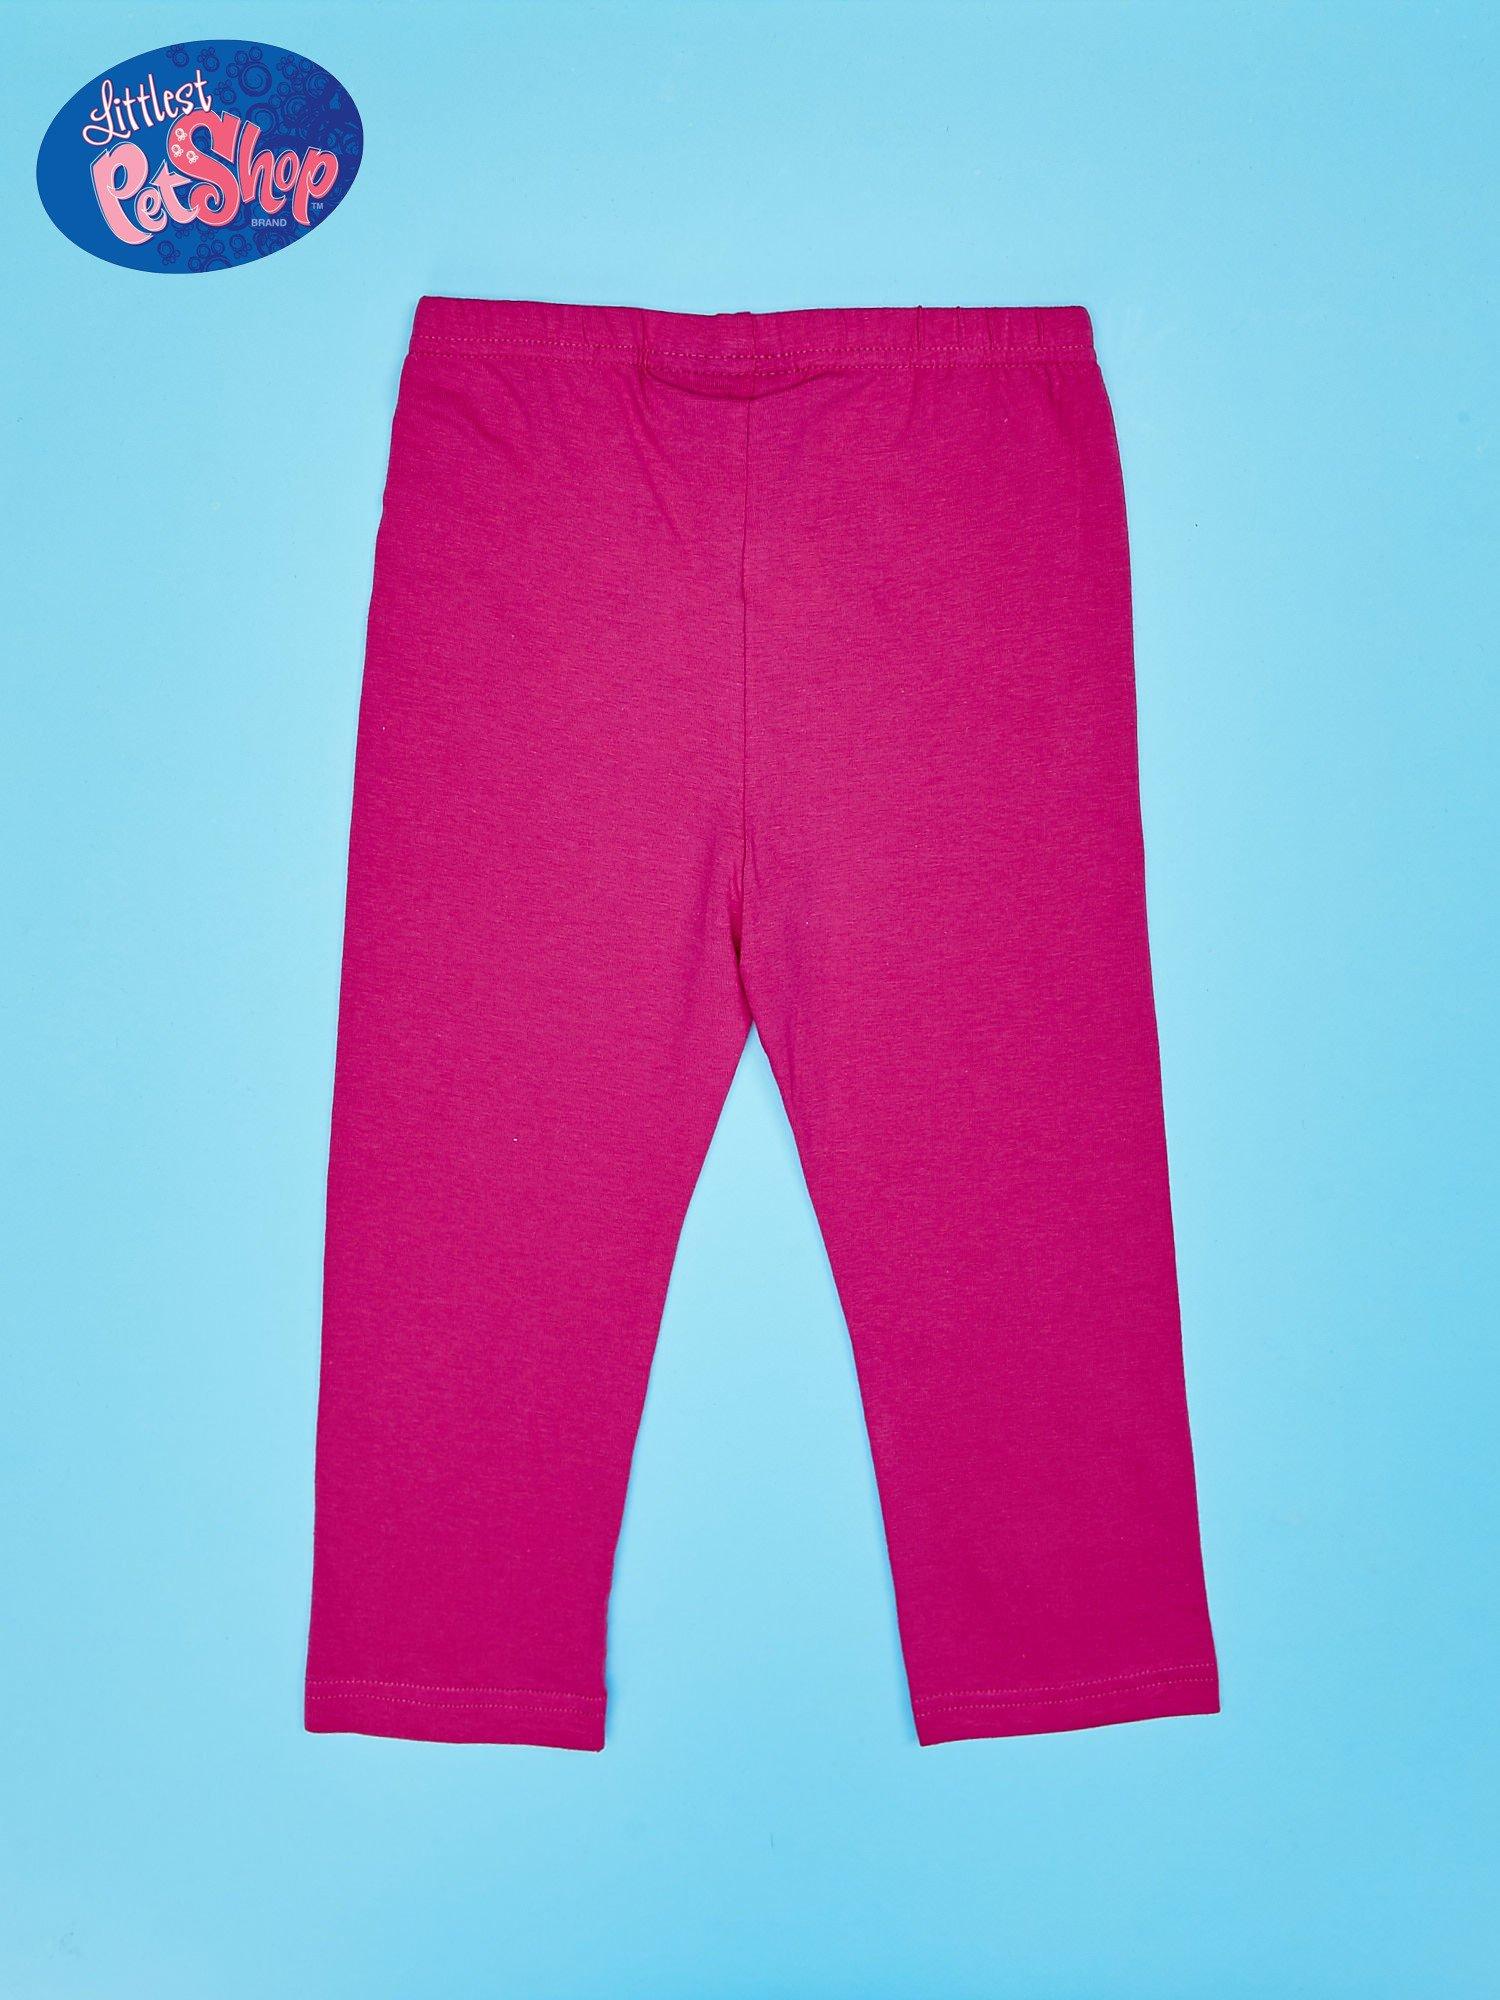 Różowe legginsy dla dziewczynki LITTLEST PET SHOP                                  zdj.                                  3